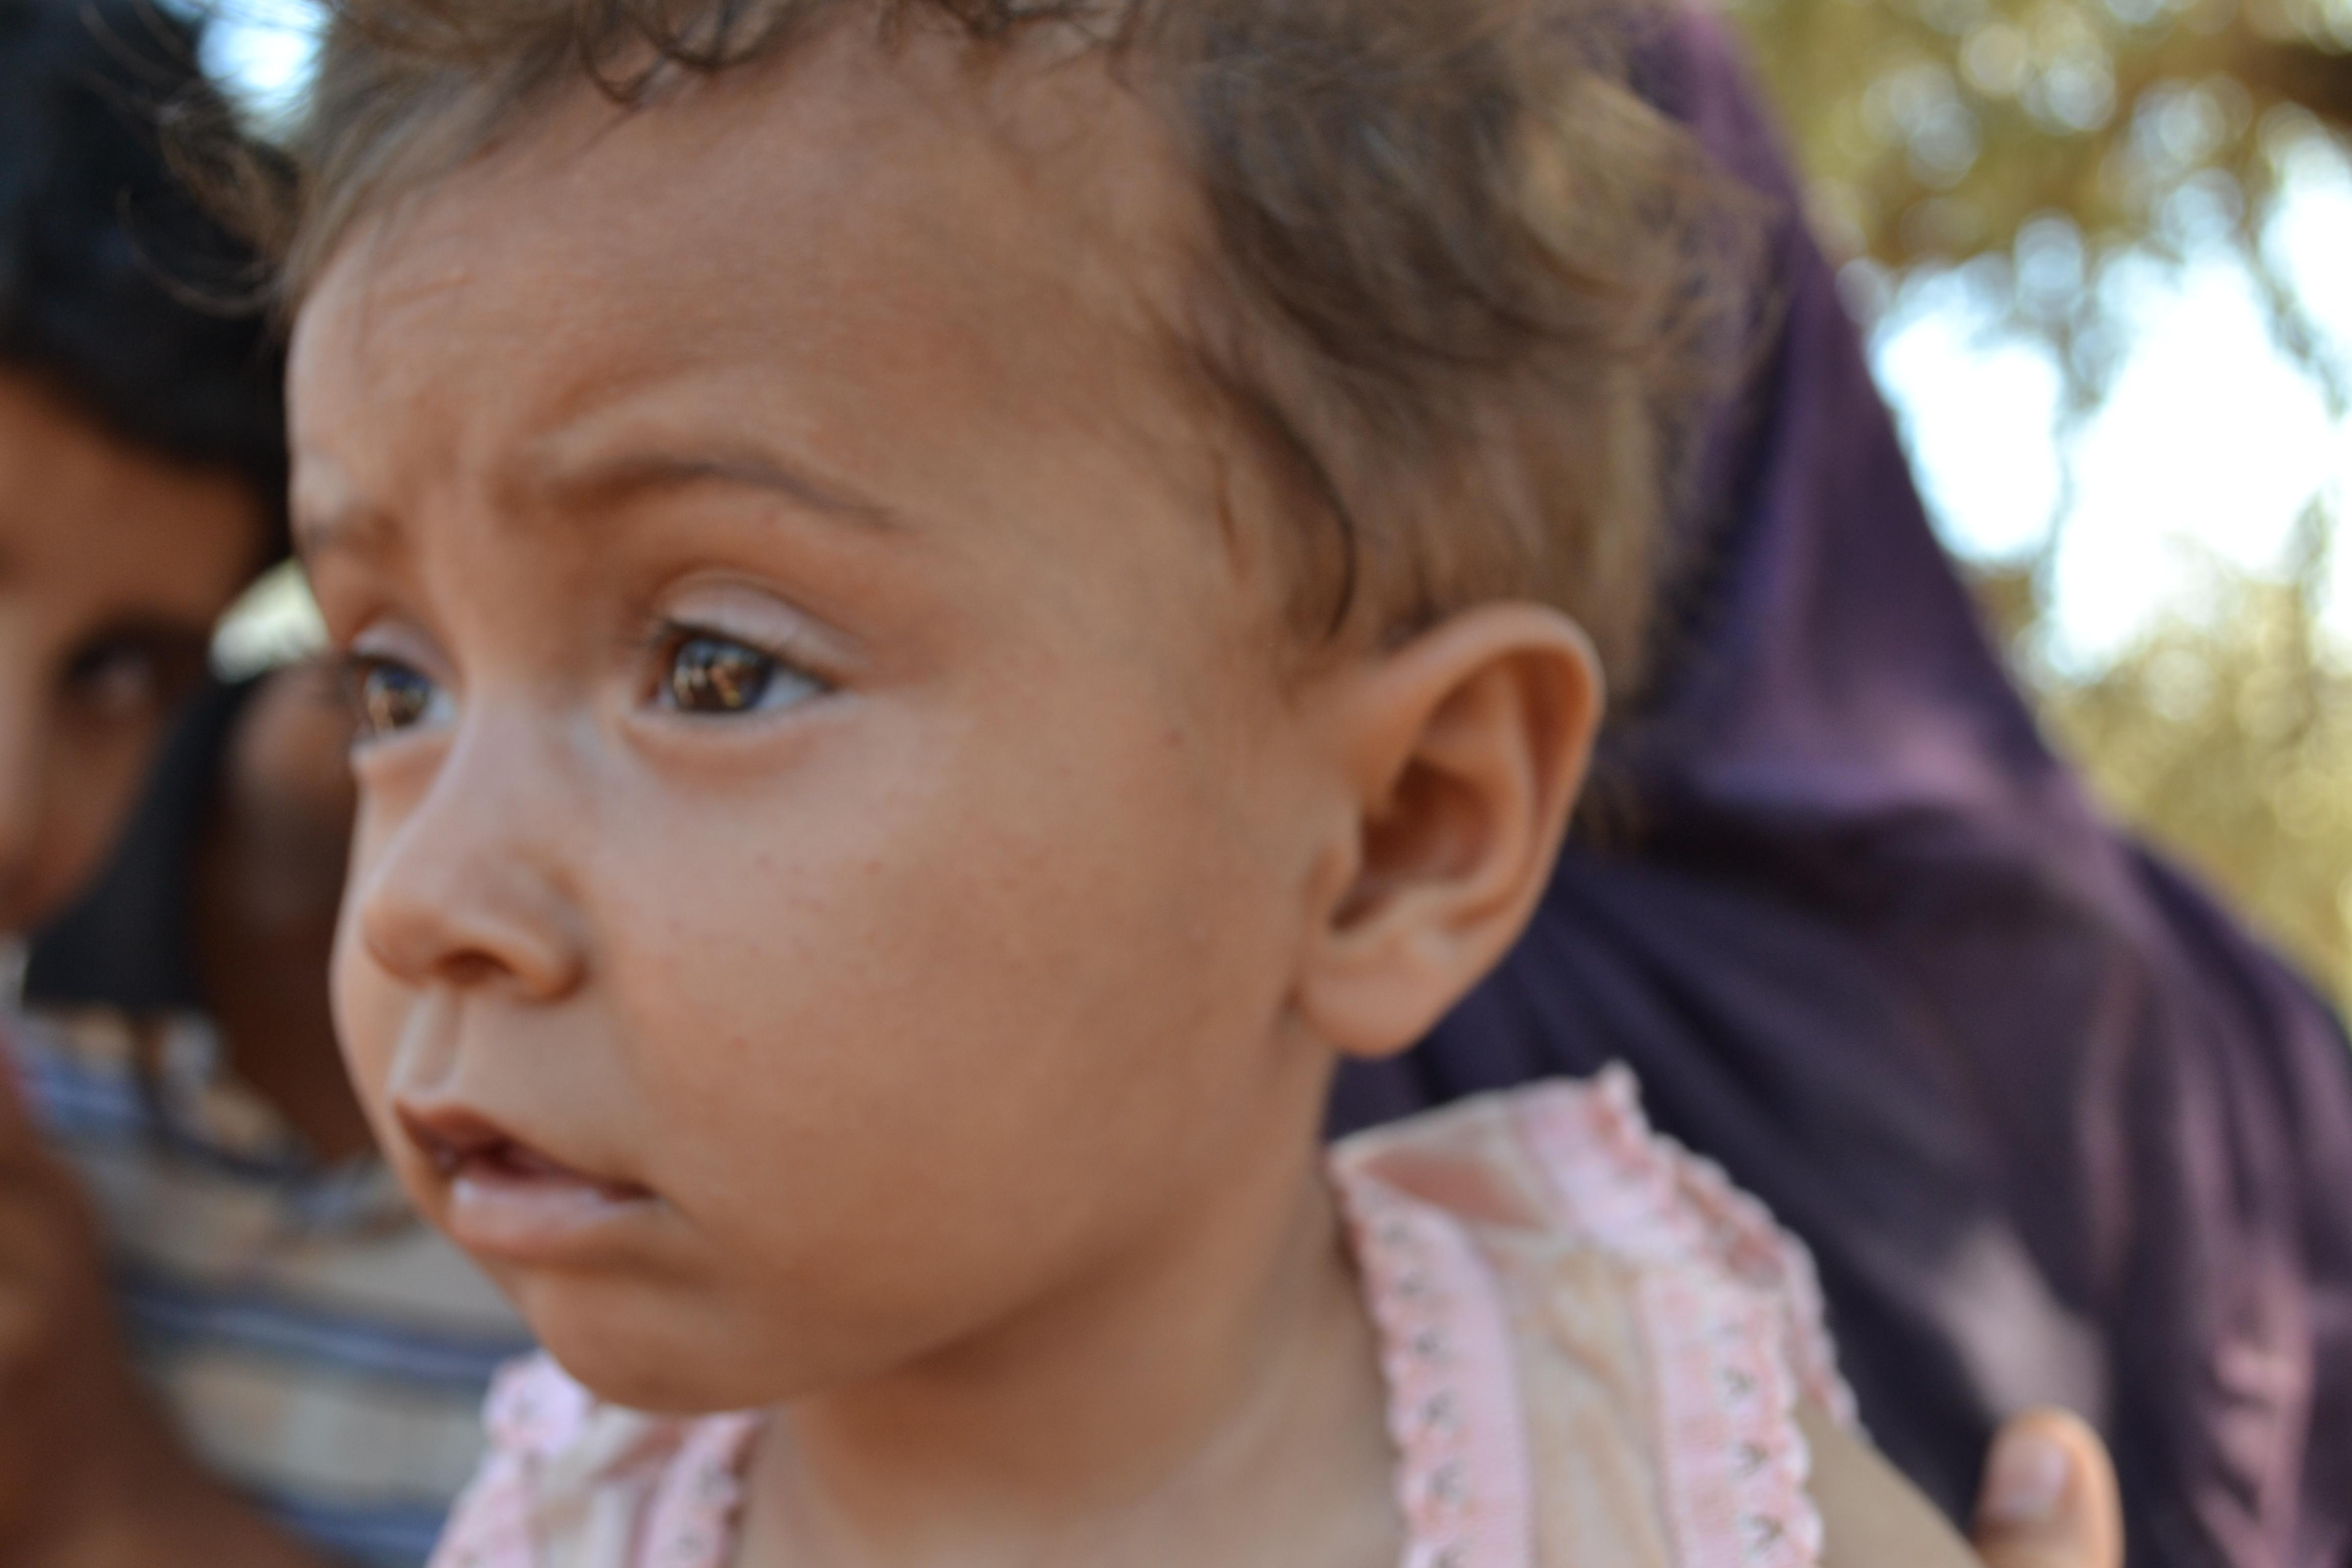 مخيم دار الرعاية: دون رعاية – تحقيق وتصوير: مروان الحميد وعلي ناصر